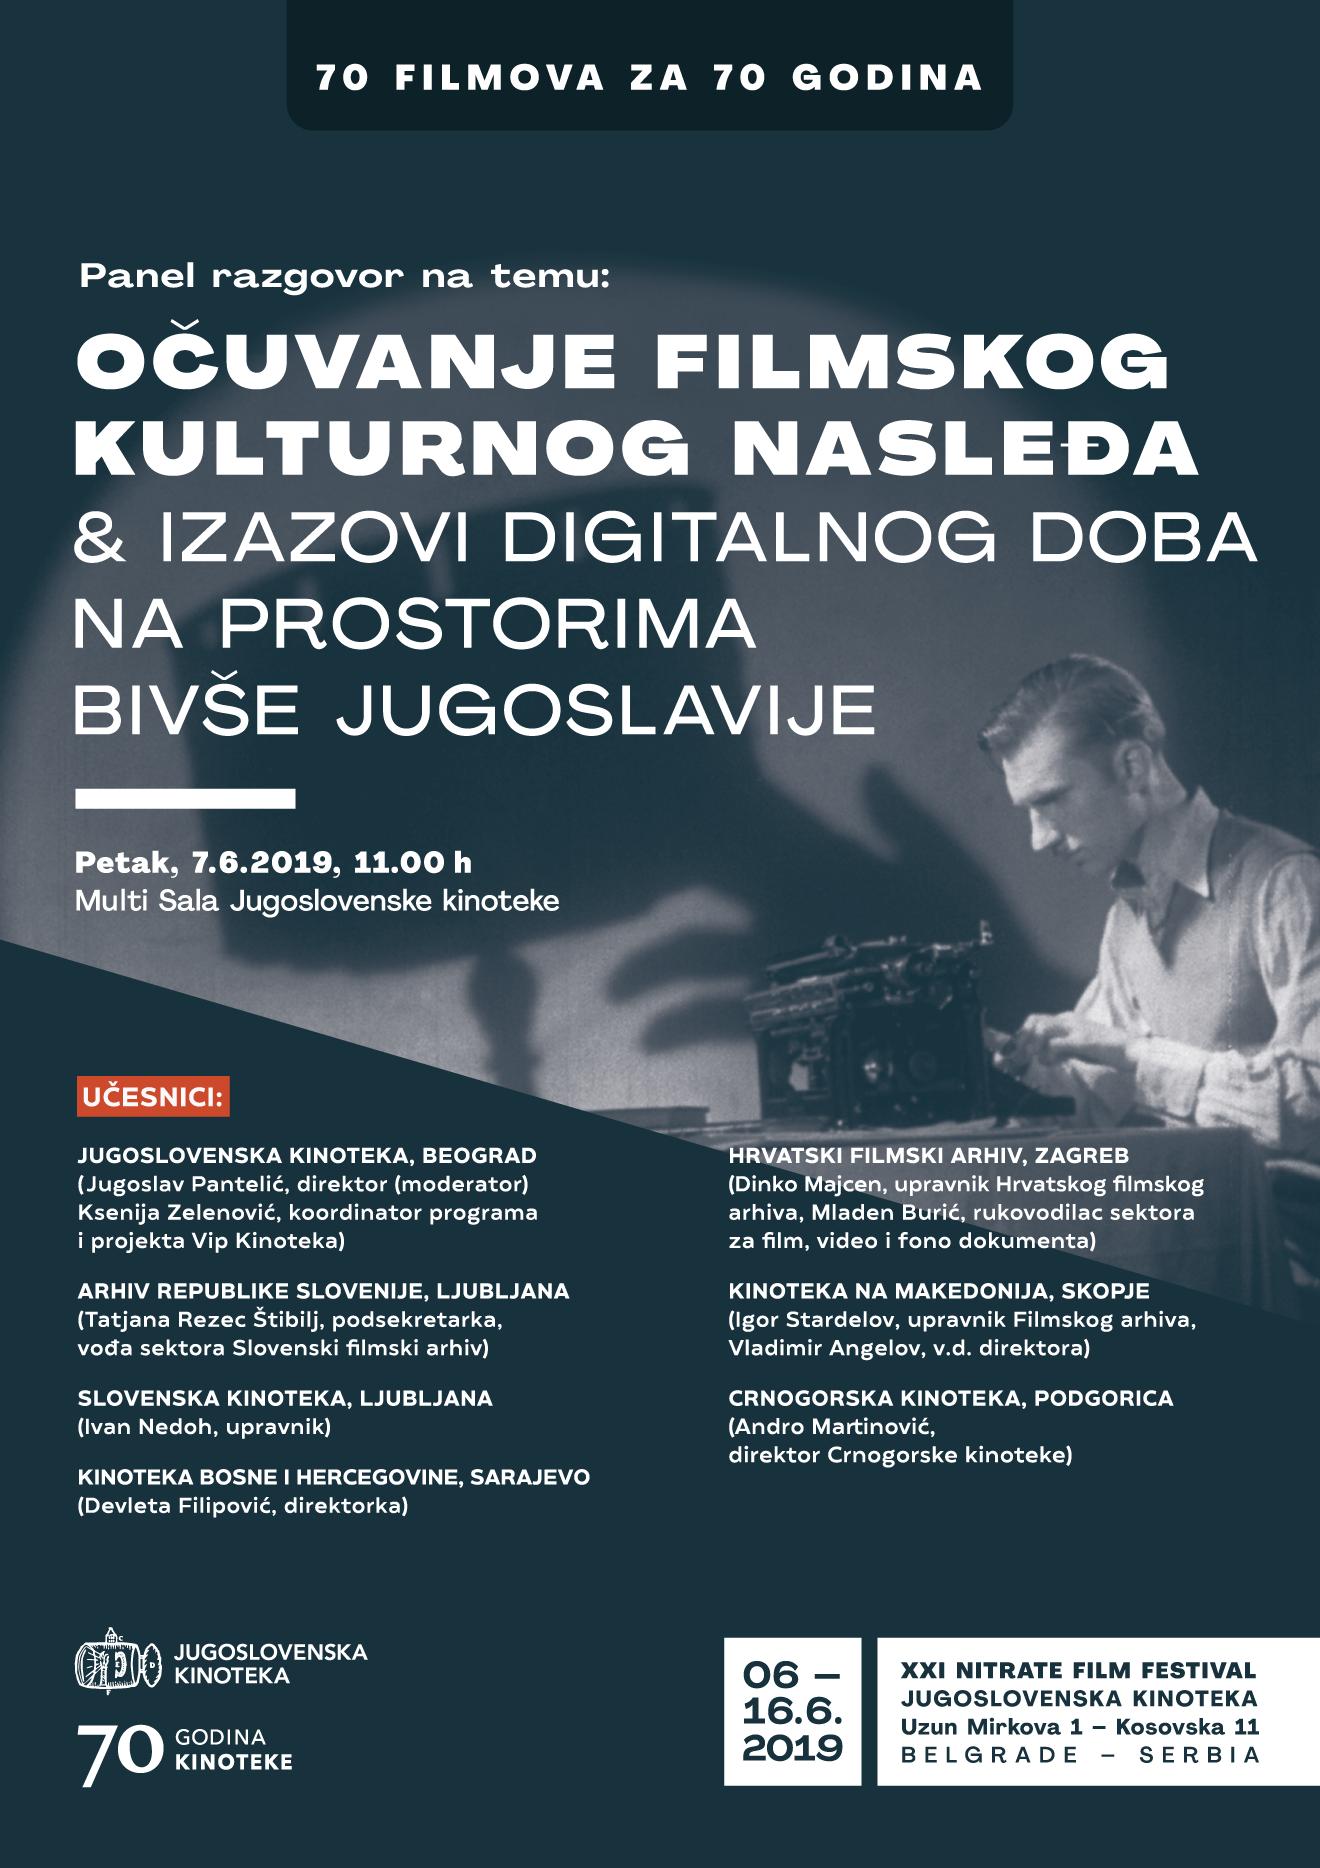 Ocuvanje filmskog kulturnog nasledja i izazovi digitalnog doba na prostorima bivse Jugoslavije